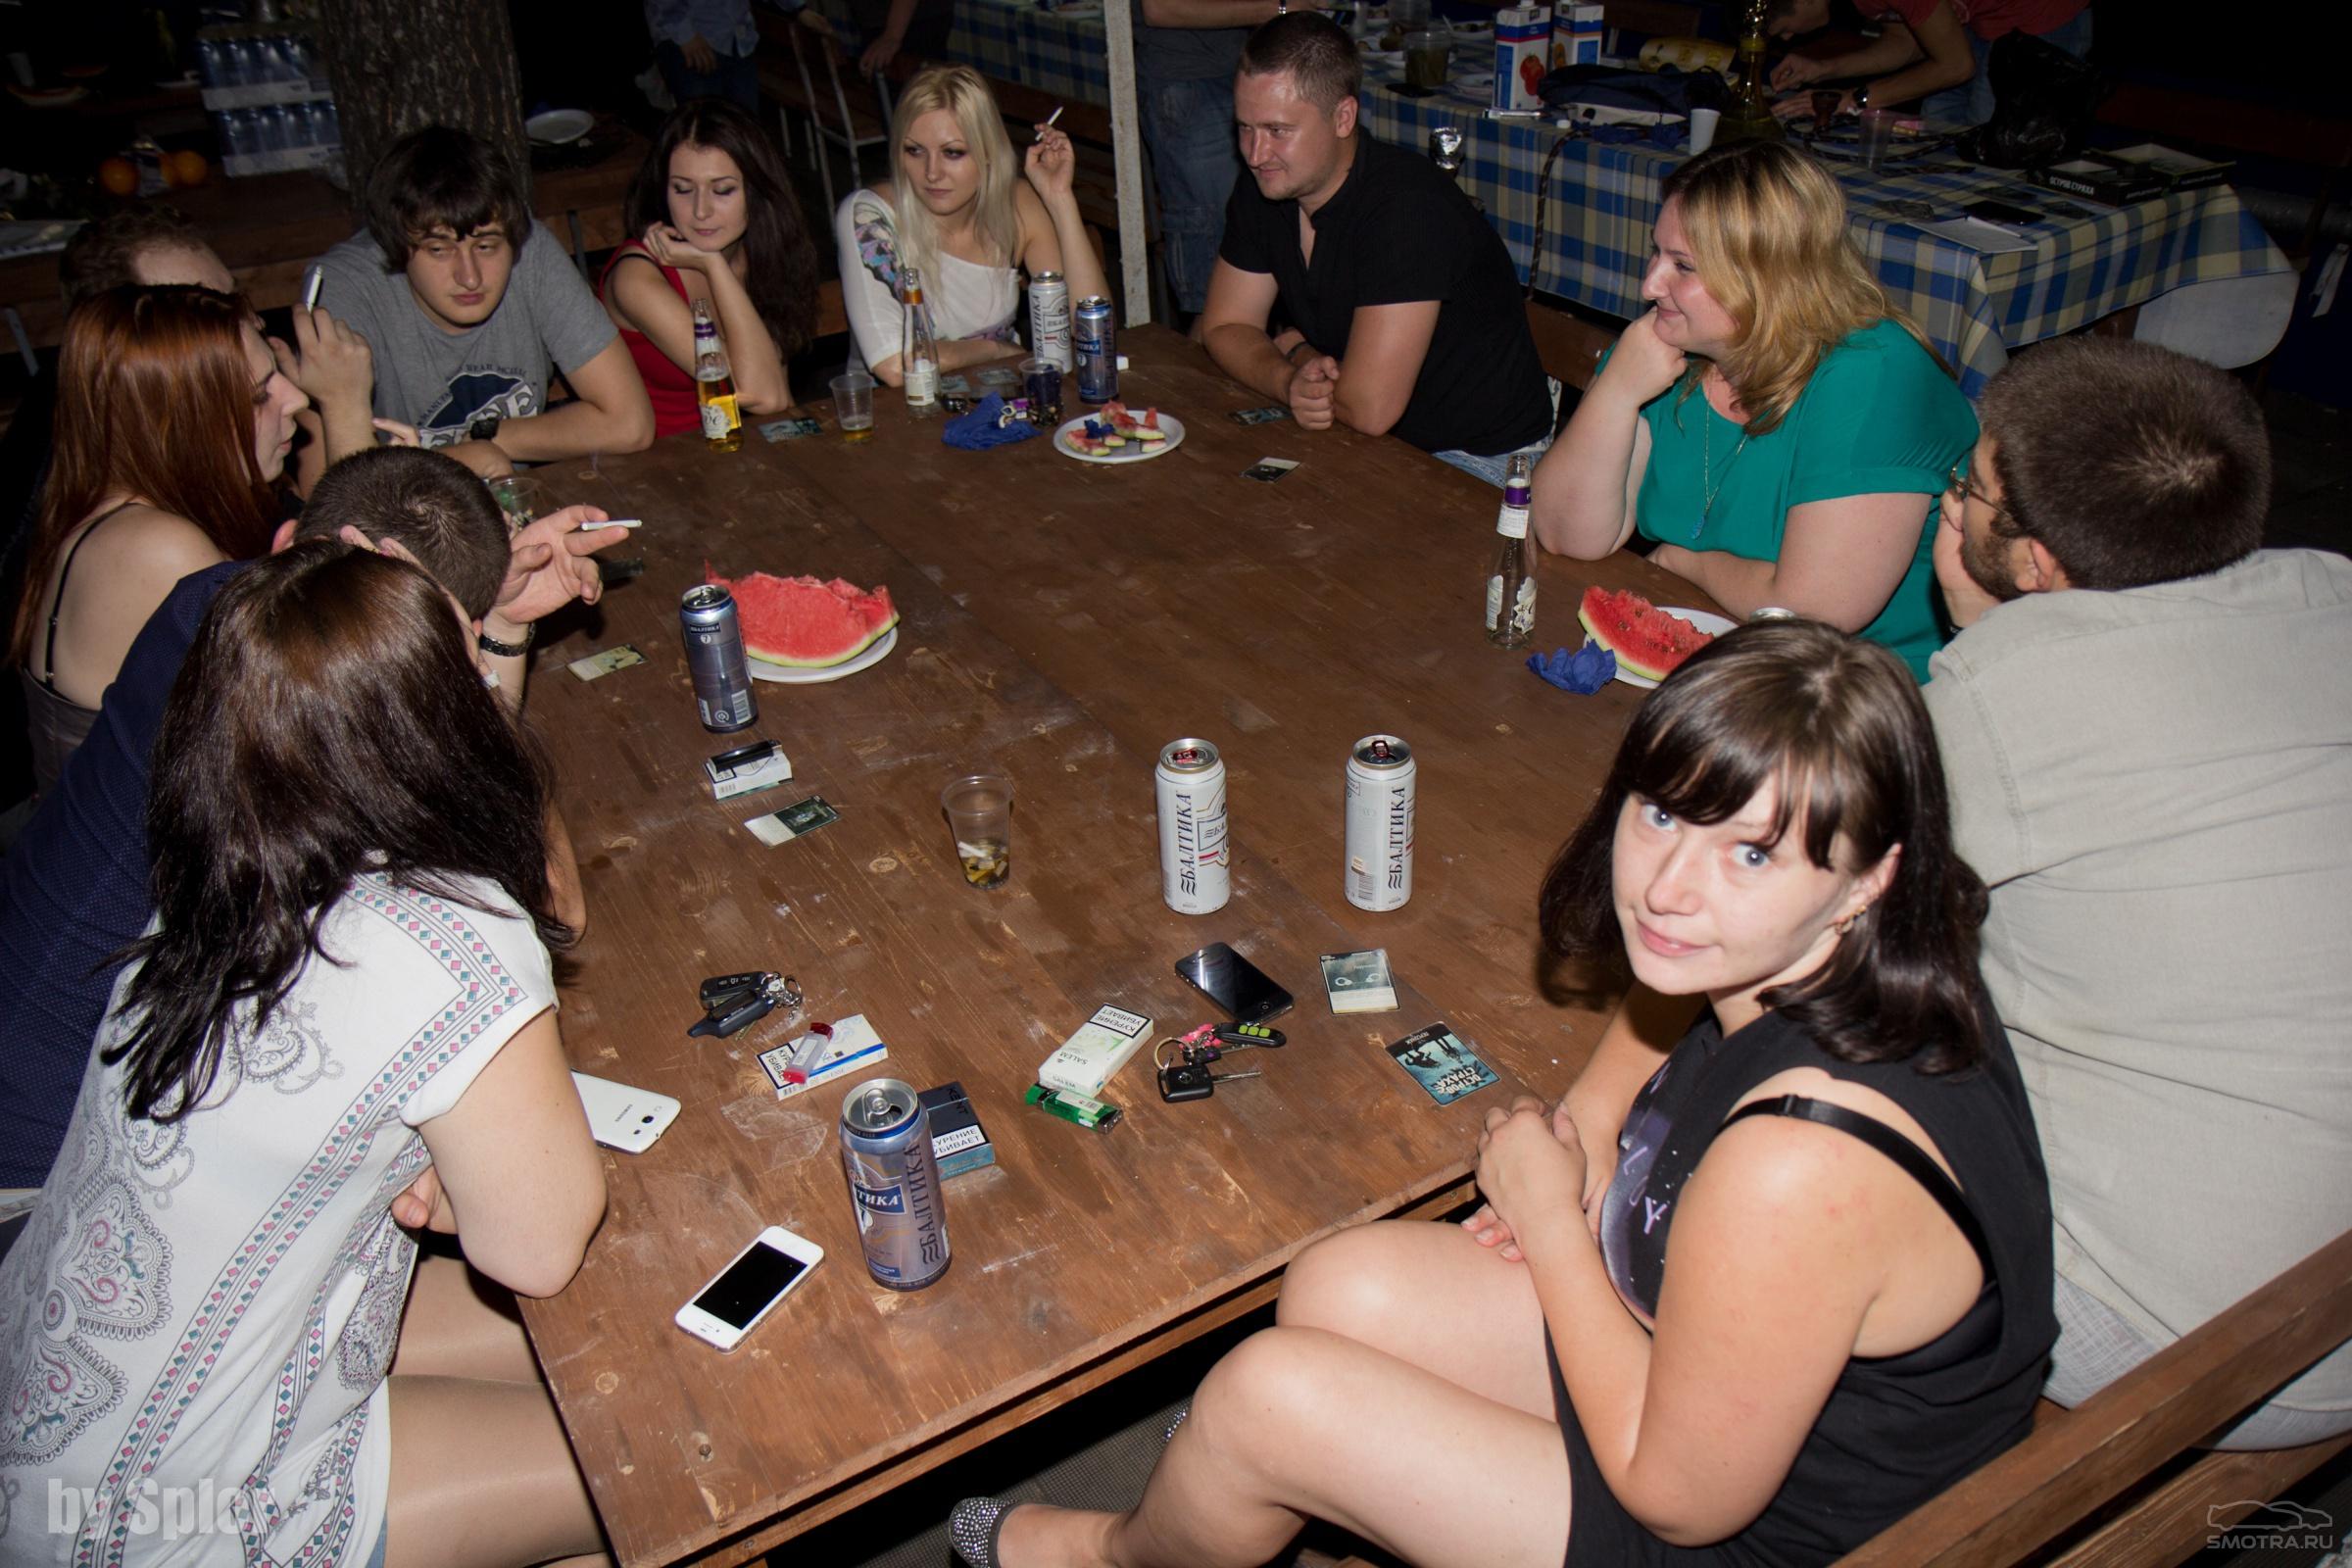 Фото свингерских вечеринок в россии частные, Фотографии Swing Свинг Свингеры Знакомства Sexwife 4 фотография